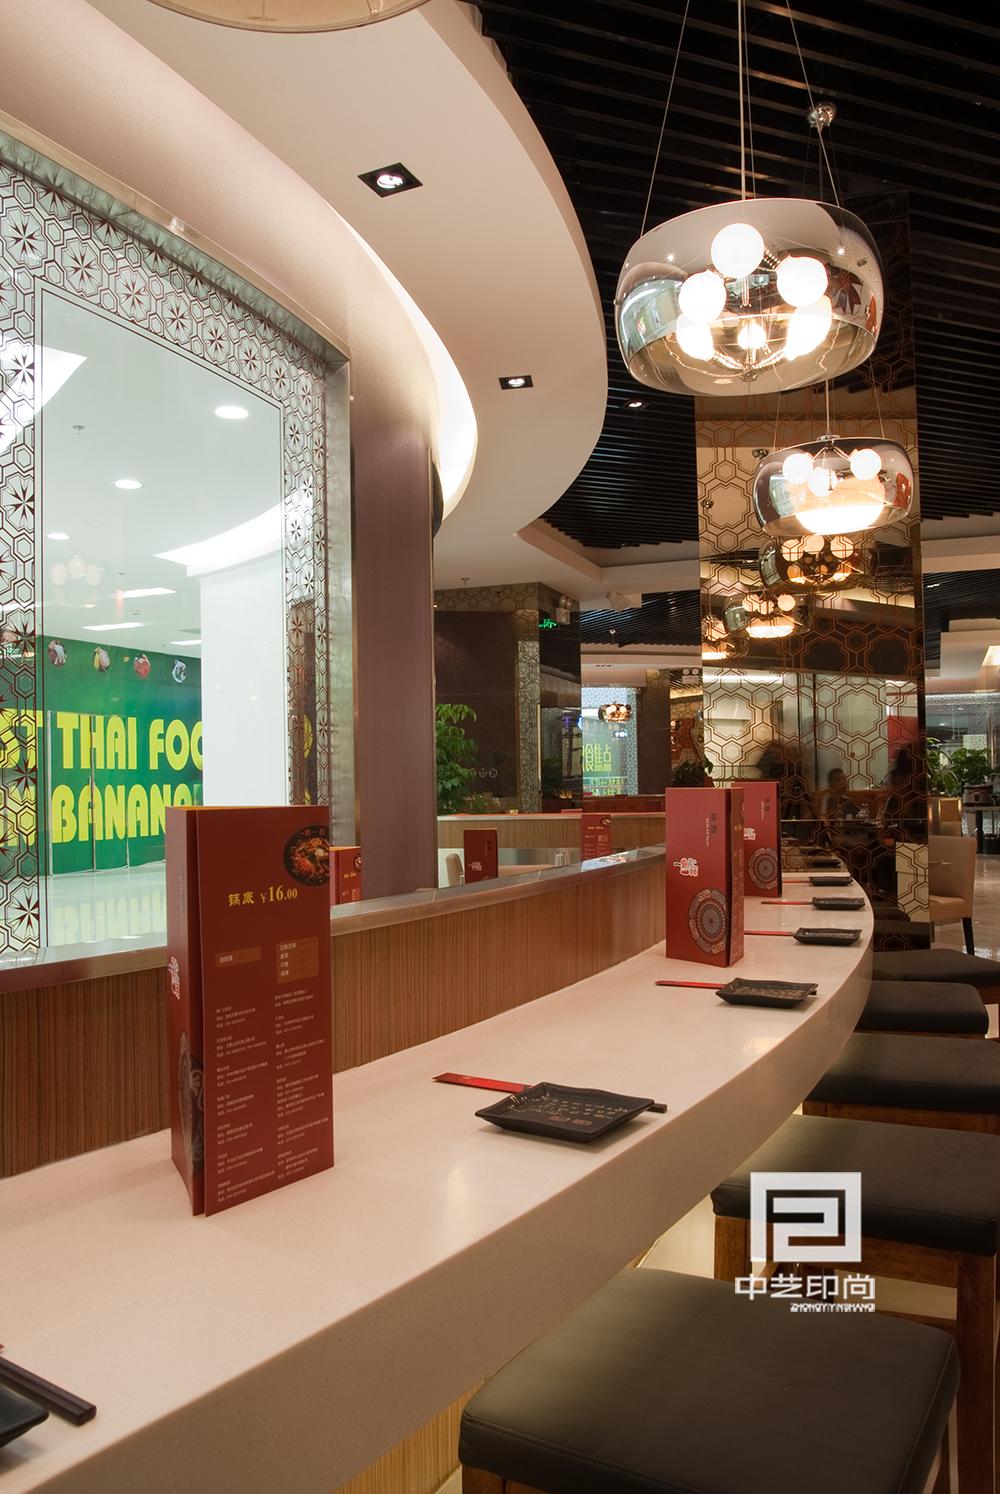 工装 简约 餐厅 火锅 中艺印尚 餐厅图片来自中艺印尚在中艺印尚-一麻一辣的分享